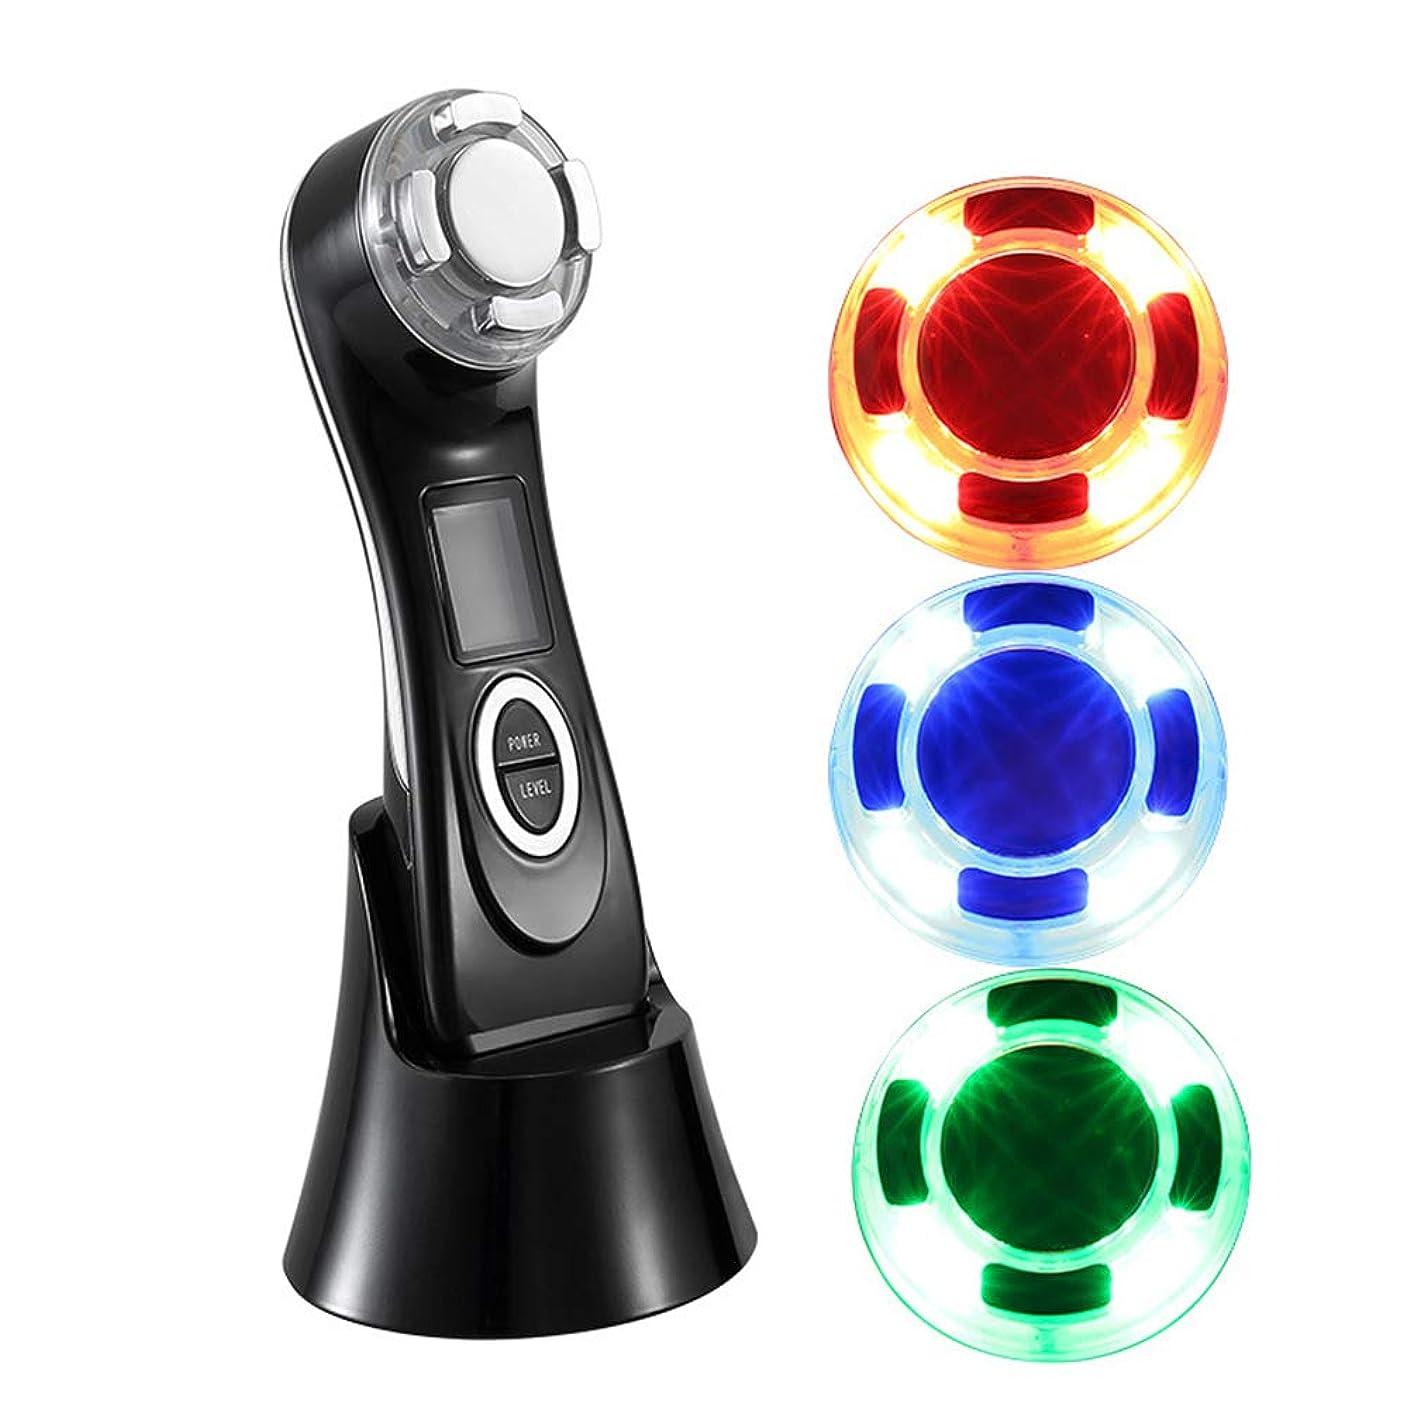 震えるピンレオナルドダアップグレード超音波ファットバーナーボディ痩身マッサージ、LEDの美の器械、減量のため持ち上げて締め付けるフェイシャルセラピー,Black